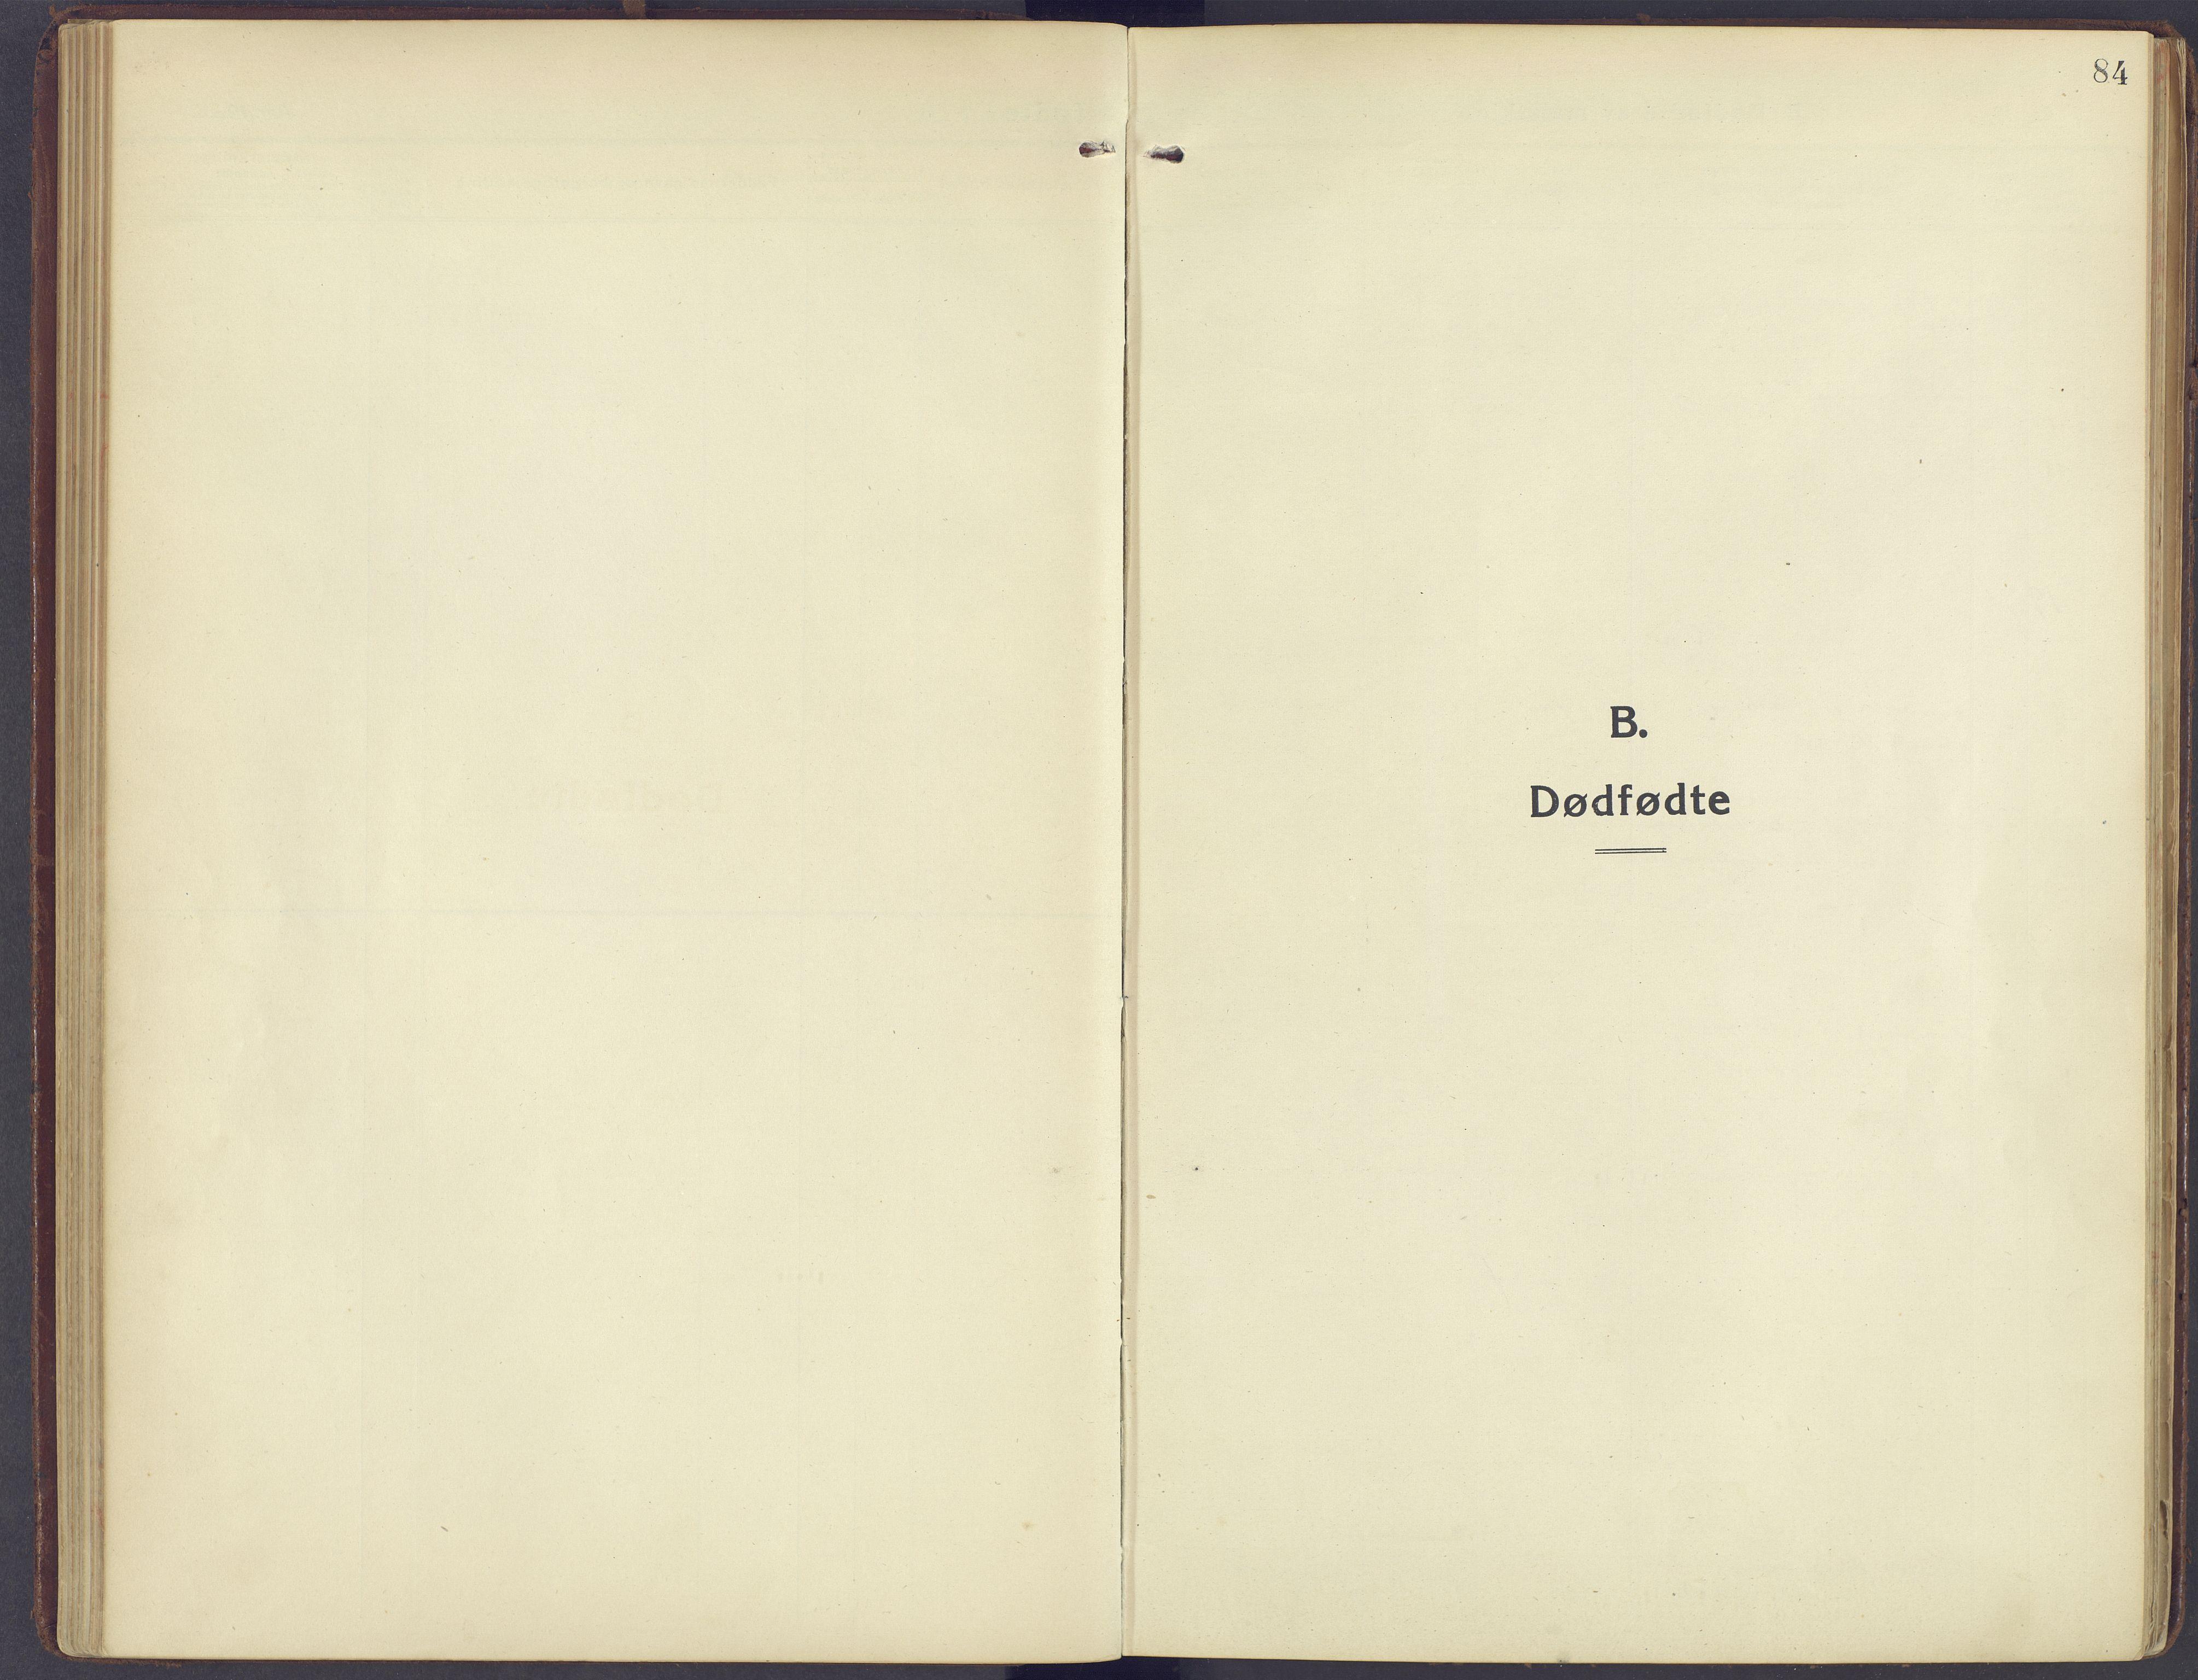 SAH, Sør-Fron prestekontor, H/Ha/Haa/L0005: Ministerialbok nr. 5, 1920-1933, s. 84